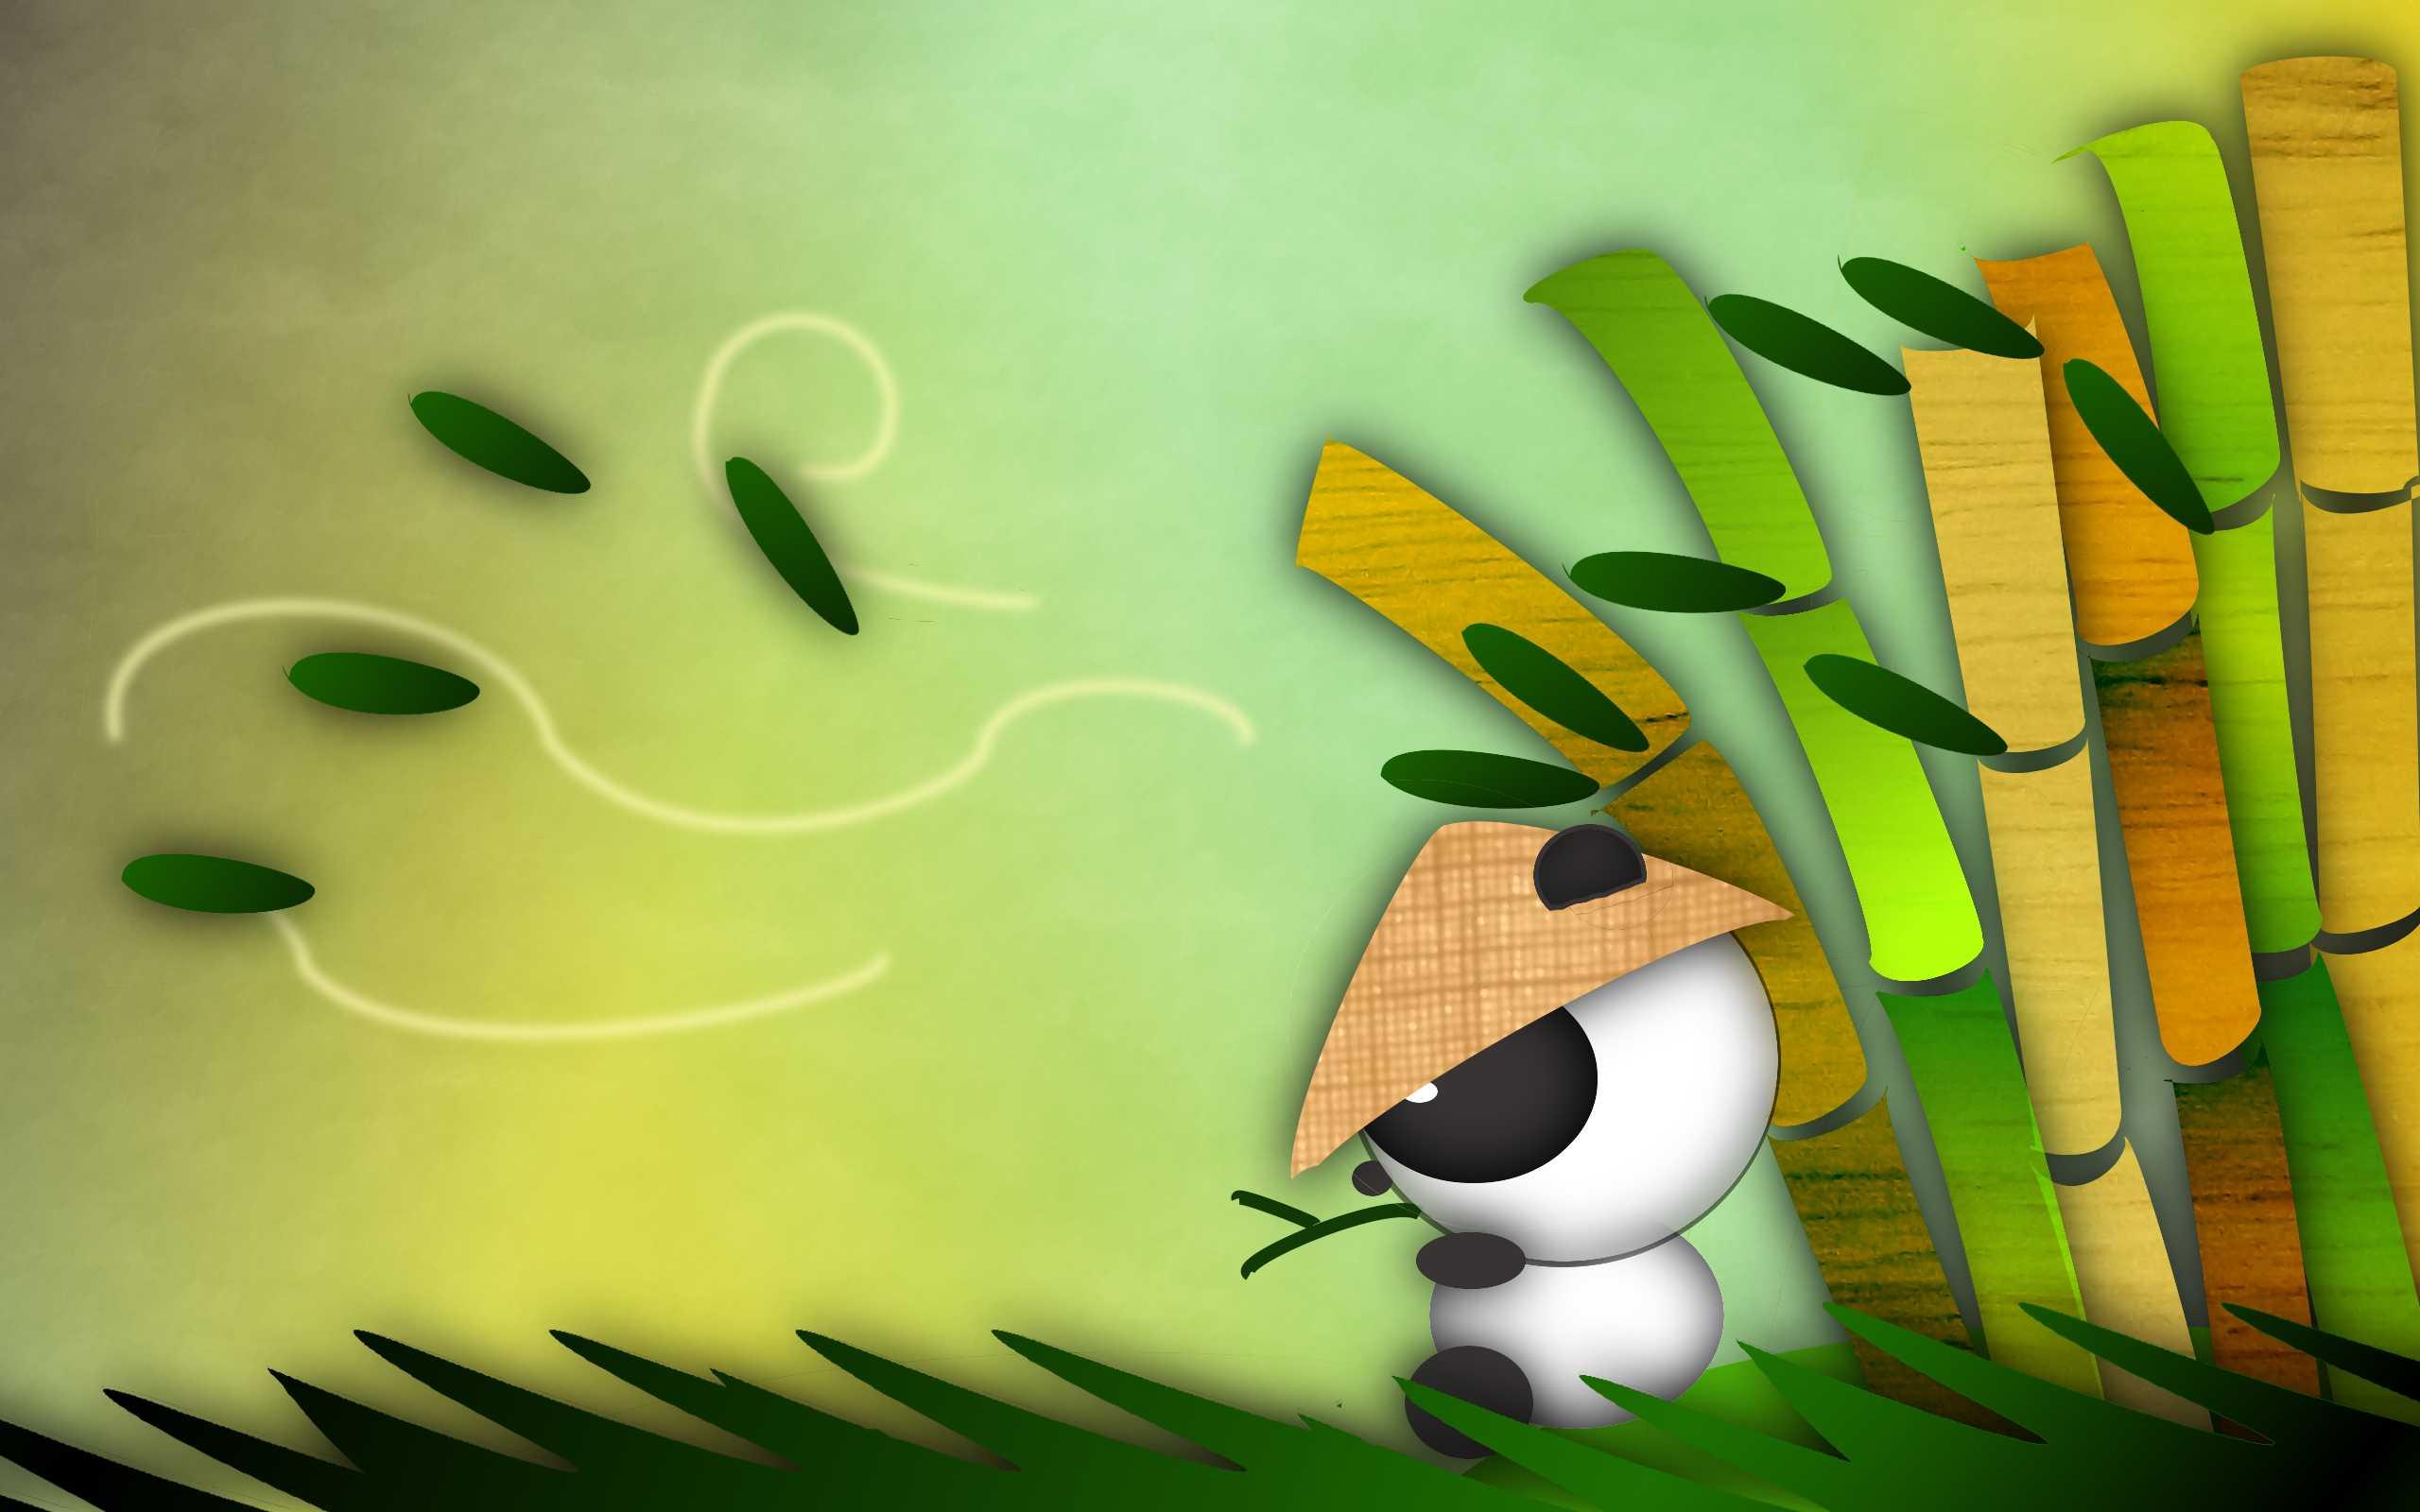 HD wallpapers panda wallpaper for iphone 4